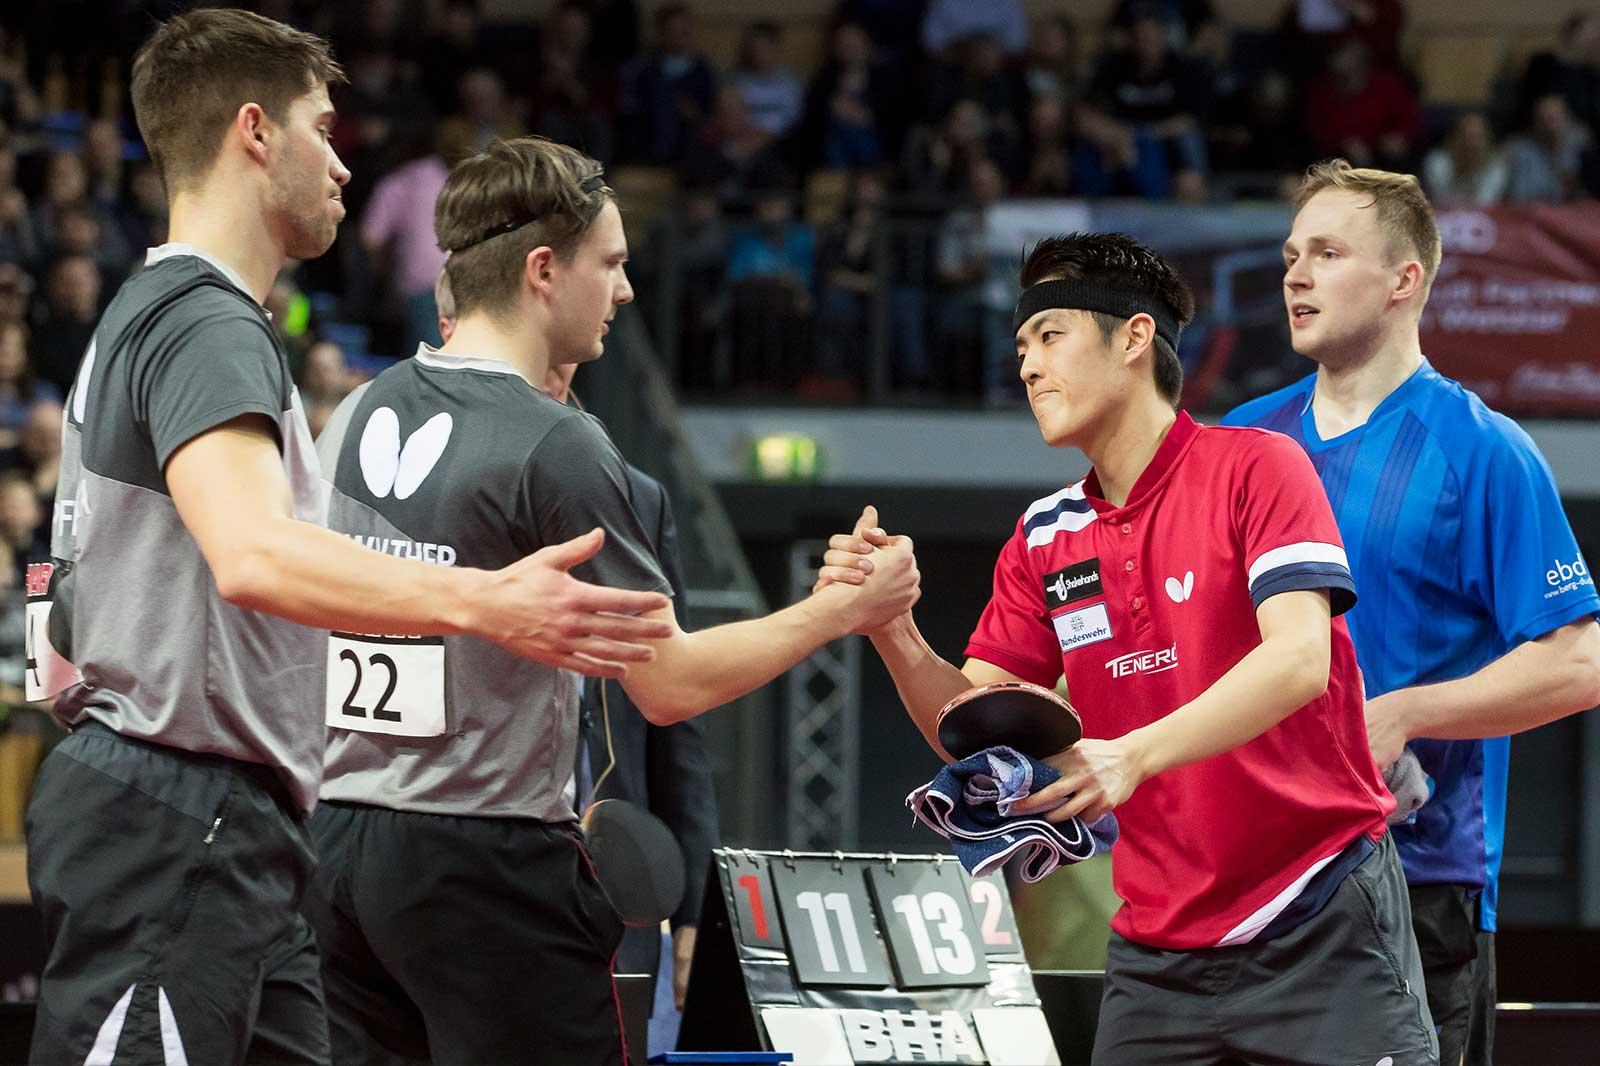 Nach Finale Doppel DM 2019 in Wetzlar (Foto: Marco Steinbrenner)